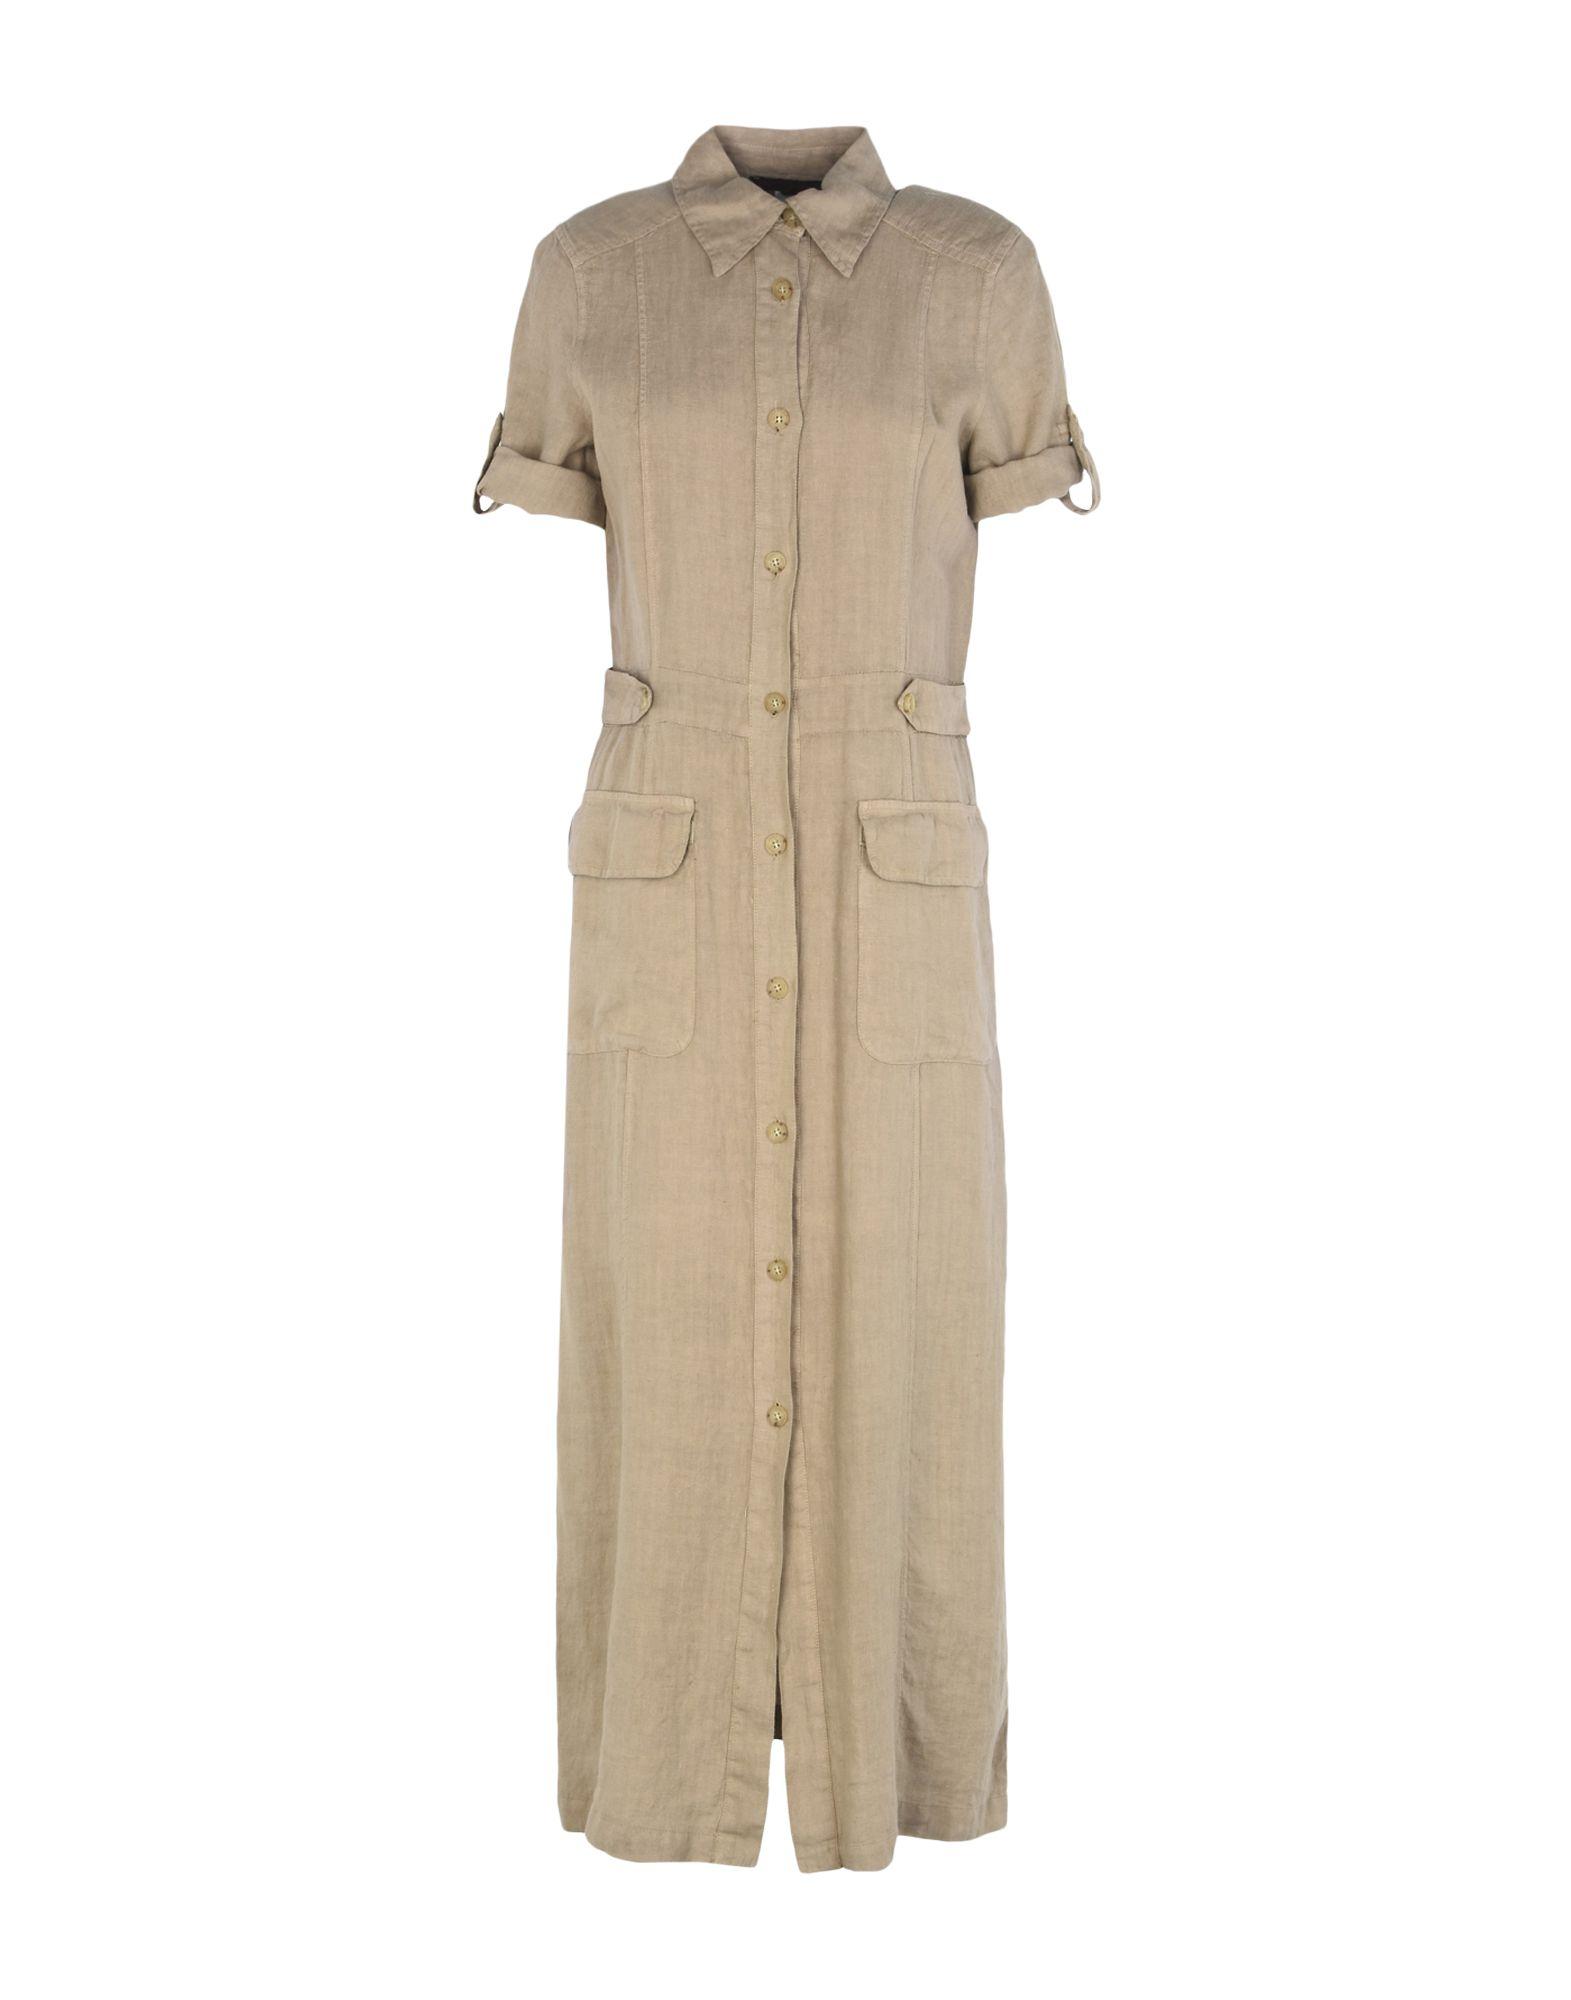 《送料無料》JEANS LES COPAINS レディース ロングワンピース&ドレス ベージュ 44 紡績繊維